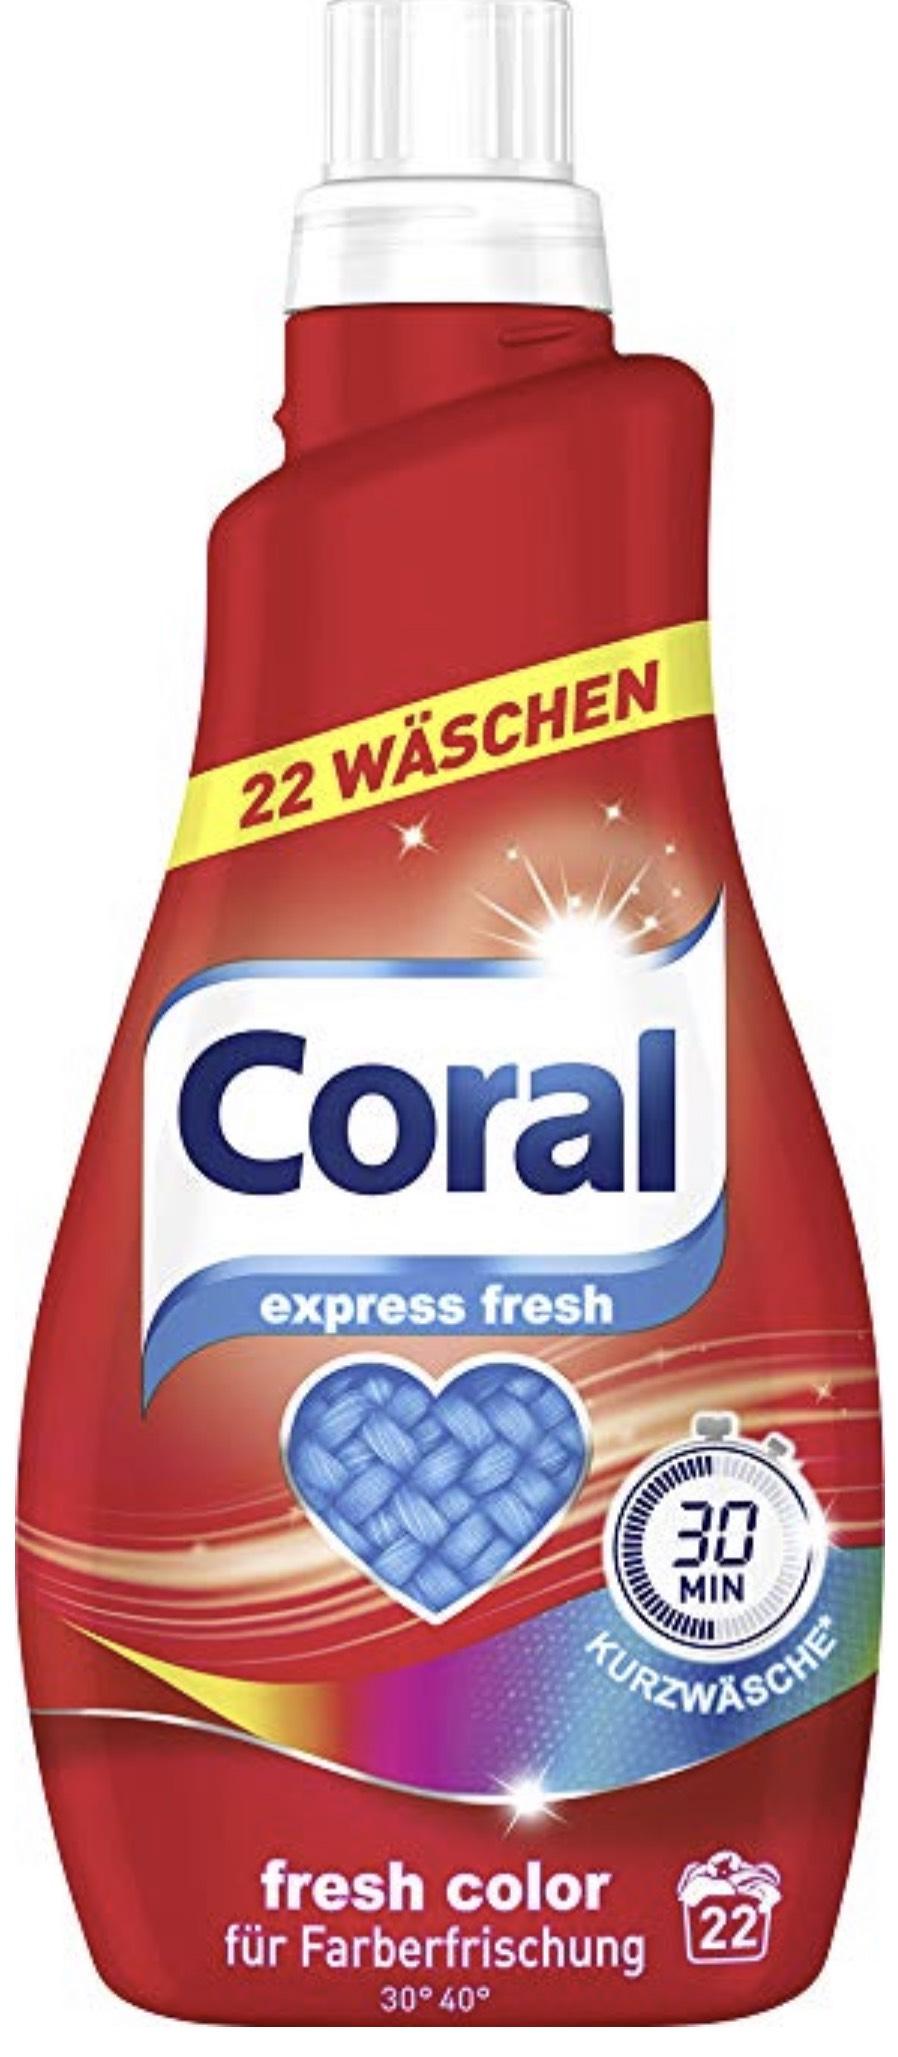 3x Coral Feinwaschmittel Fresh Color flüssig 44 WL für 15,06€ im Spar-Abo